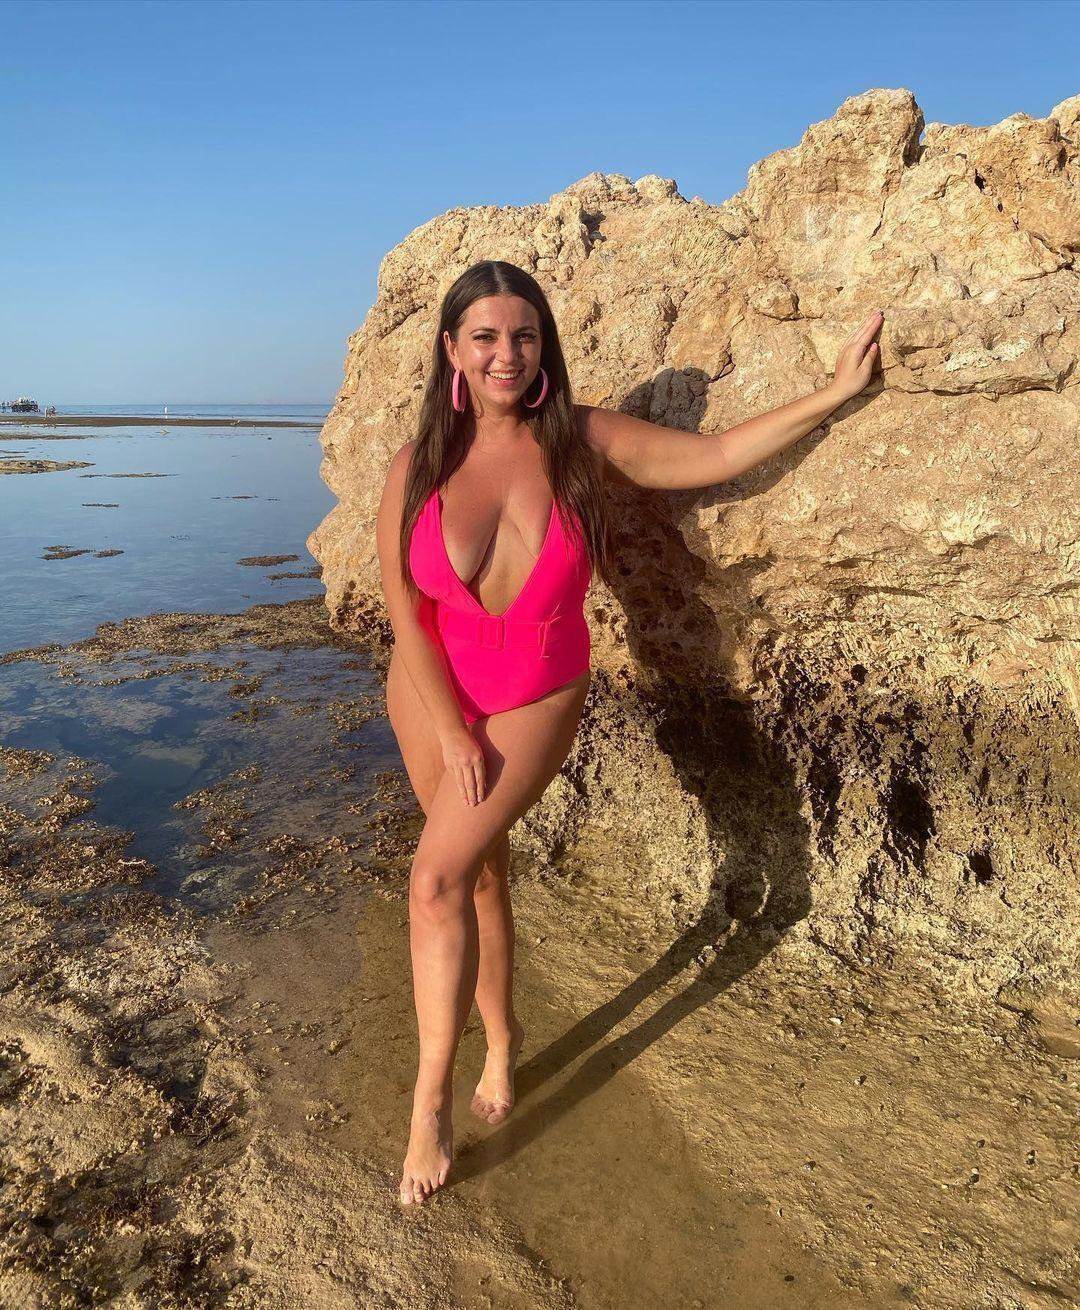 Виктория Щелко уже пробовала свои силы в конкурсе Мисс мира плюс сайз-2021